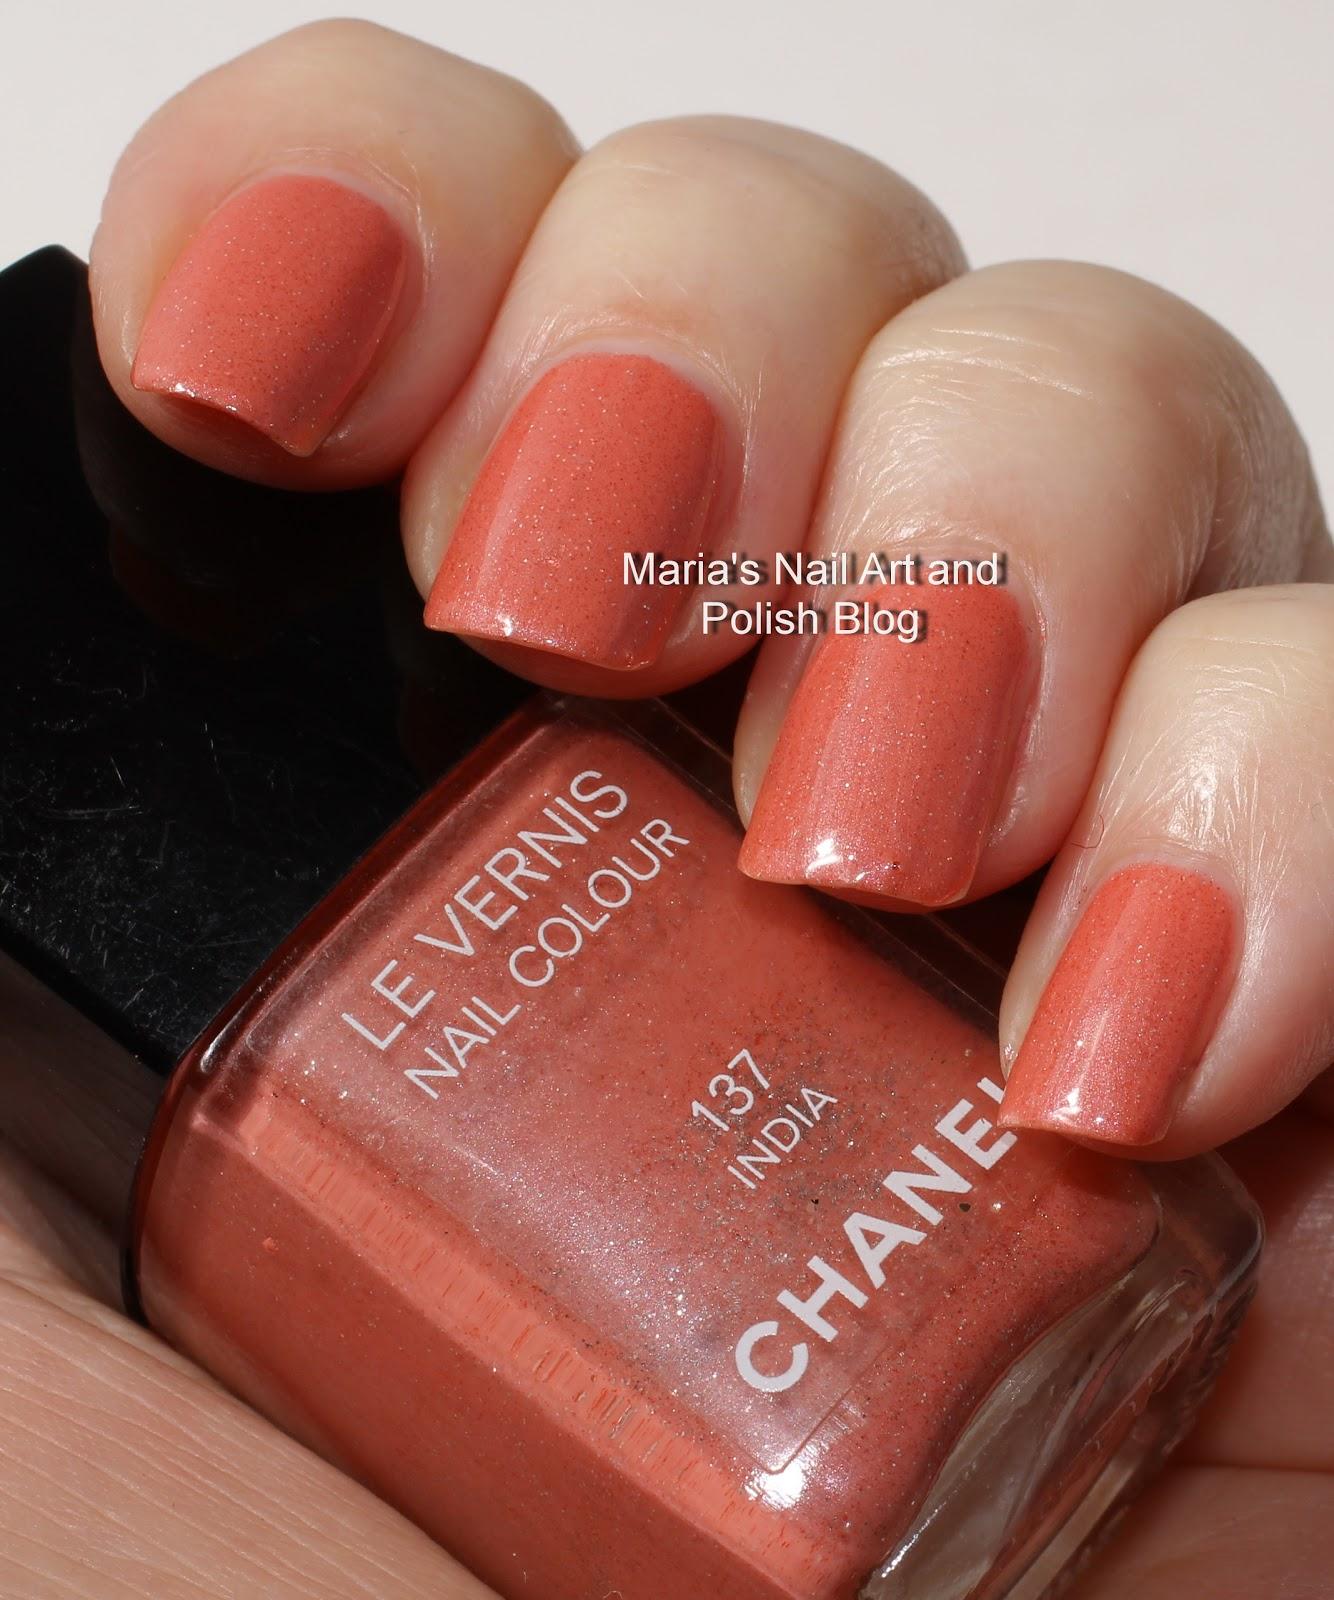 Marias Nail Art and Polish Blog: Chanel India 137 spring 2004 ...